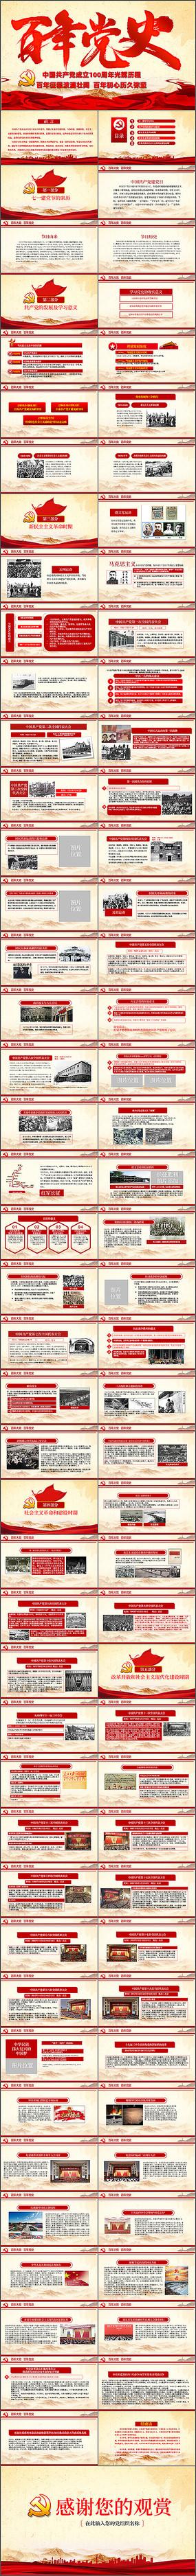 百年党史建党100周年PPT